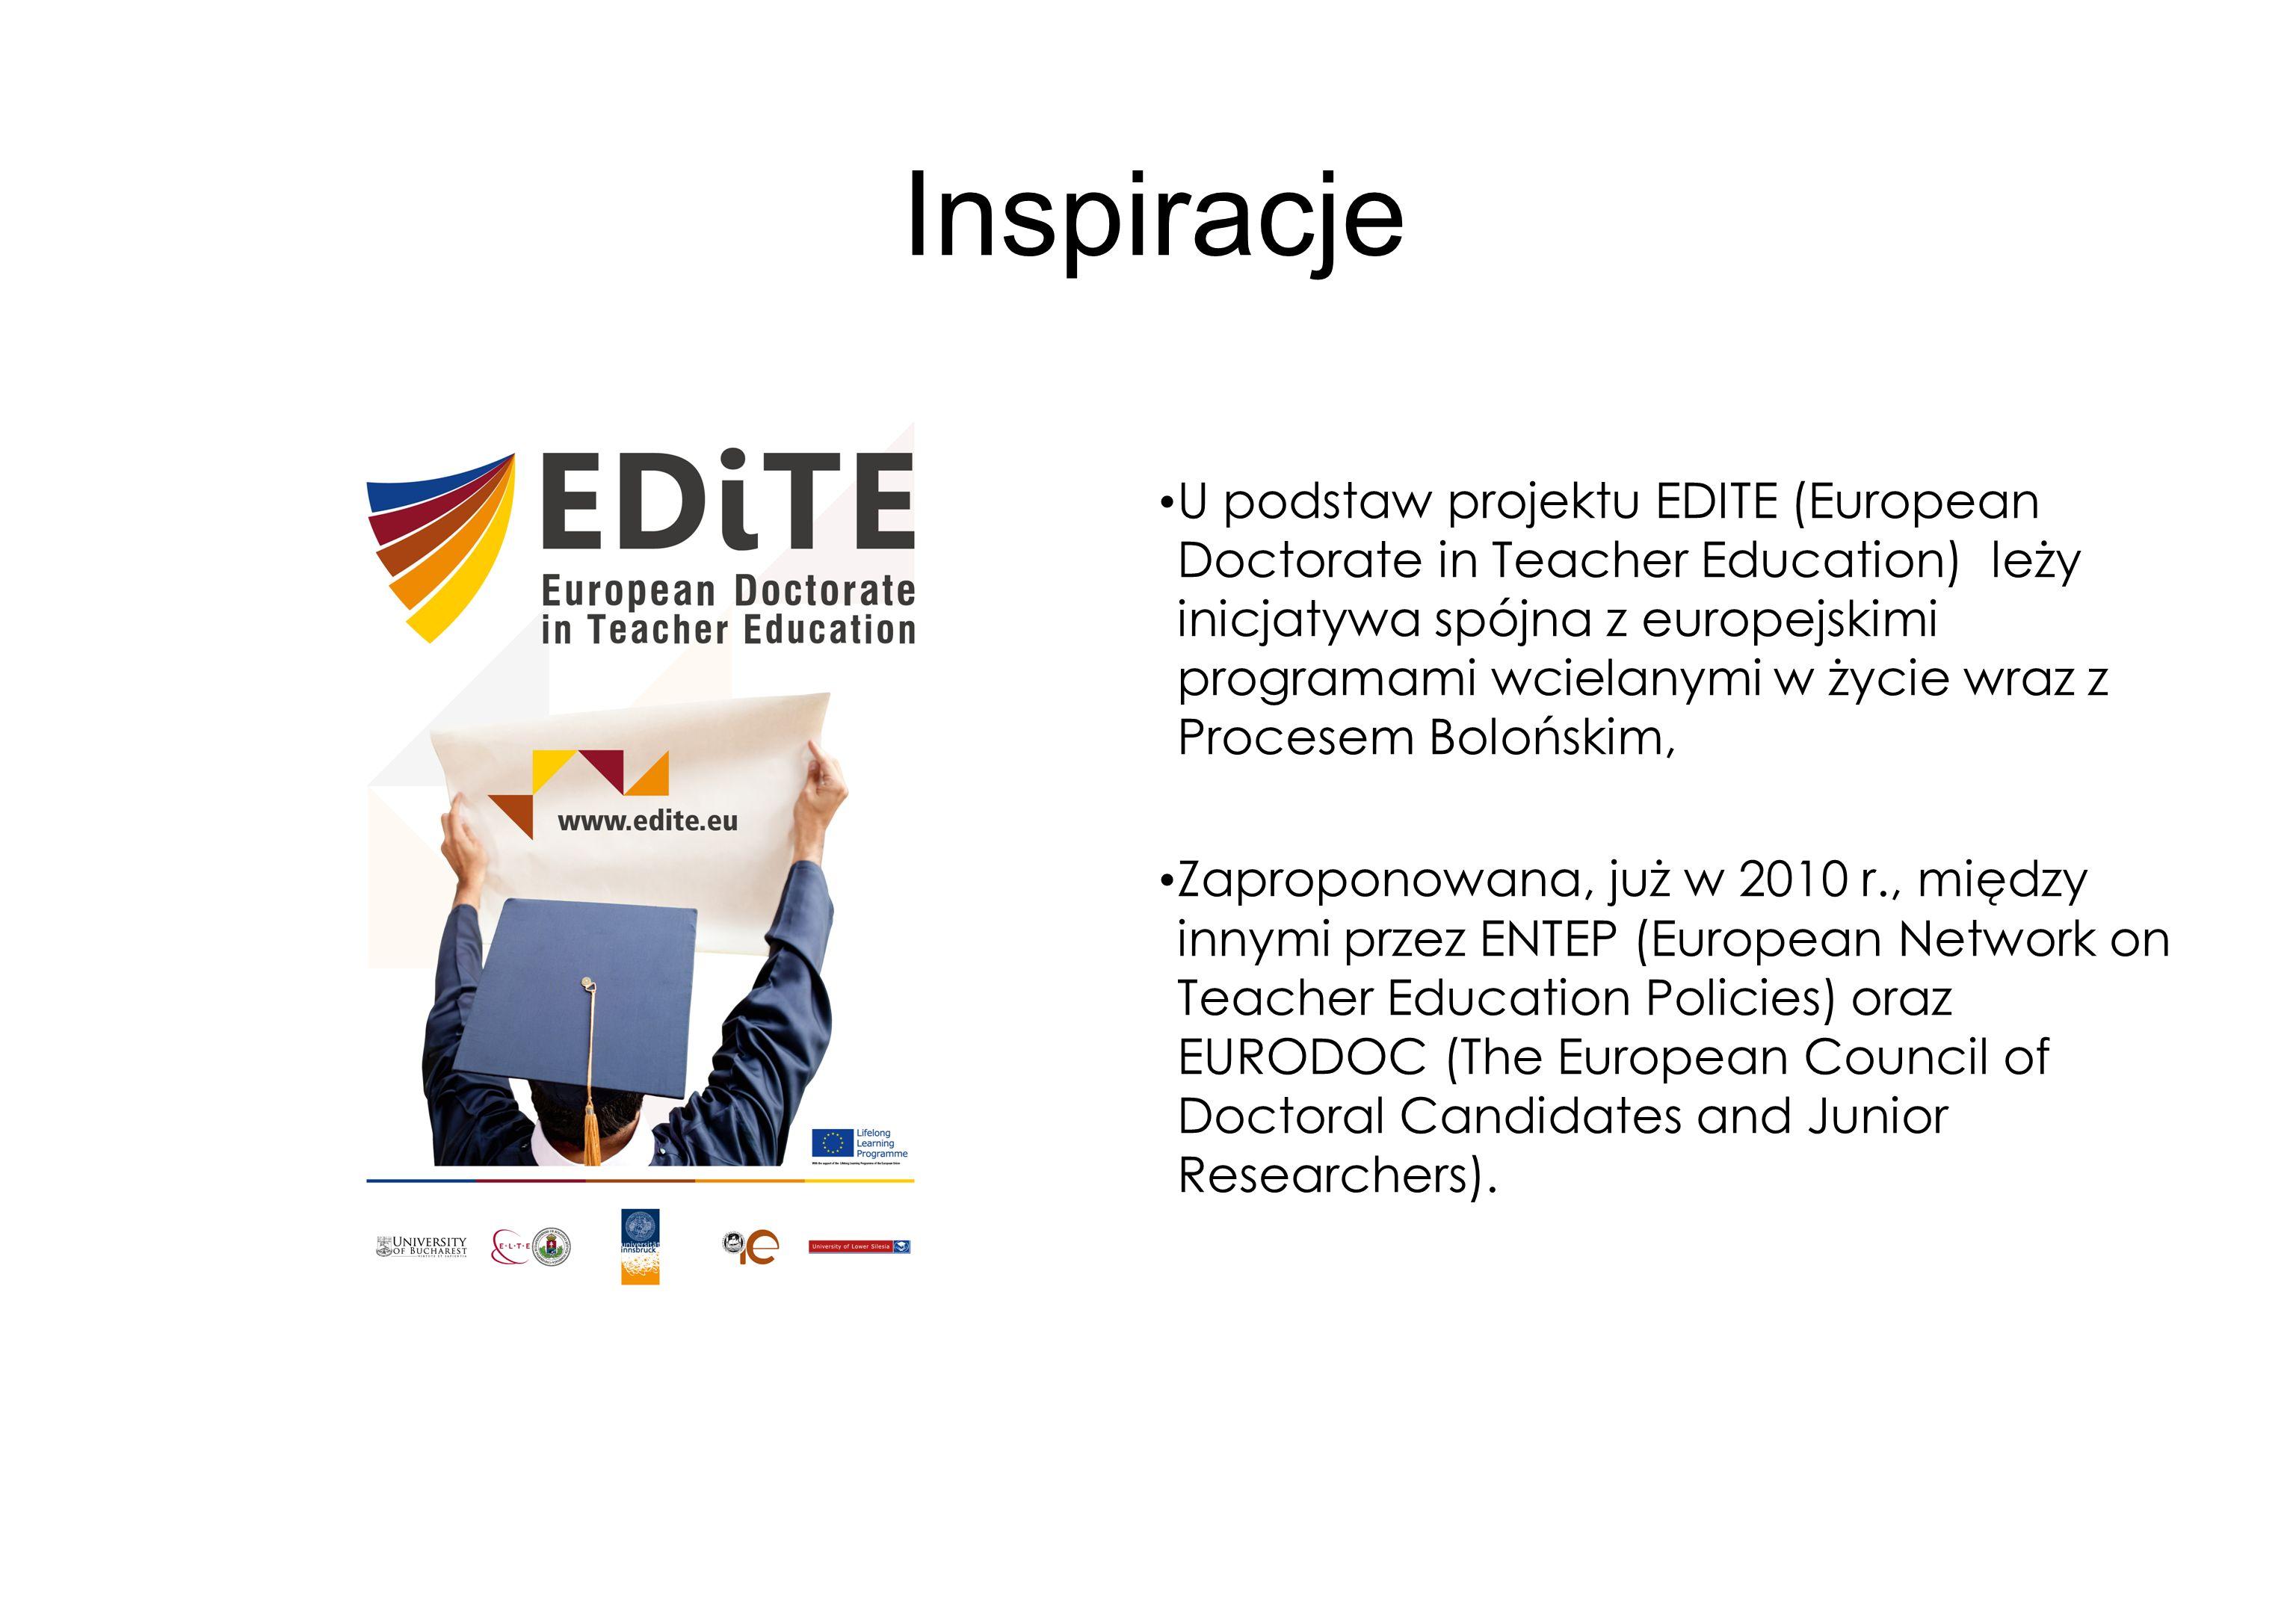 Cel projektu wypracować nowy, oryginalny transnacjonalny i interdyscyplinarny bilateralny program (joint programme) studiów doktoranckich dla nauczycieli w Europie; wcielać w życie i upowszechniać łączenie teorii i praktyki; upowszechniać międzynarodowe badania na temat kształcenia nauczycieli i wykorzystywać je w instytucjach kształcenia; wykreować forum, gdzie można się dzielić wiedzą teoretyczną i wymieniać przykłady dobrych praktyk z obszaru całej Europy